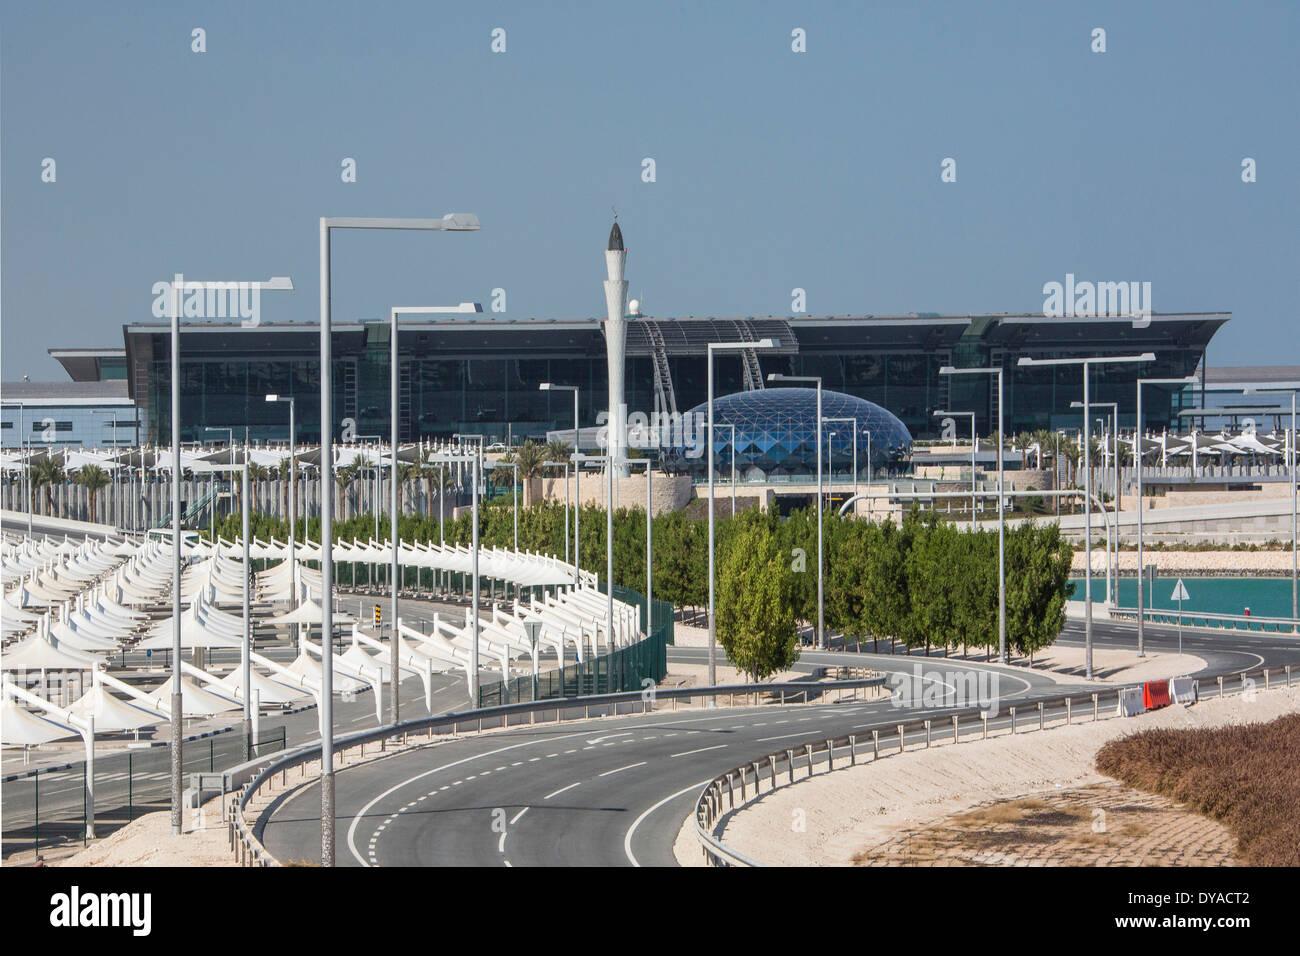 Doha, Doha, Qatar, nouveau Moyen Orient, de l'aéroport, l'architecture, ville, immeuble, international, minaret, parking, route, voyage Banque D'Images